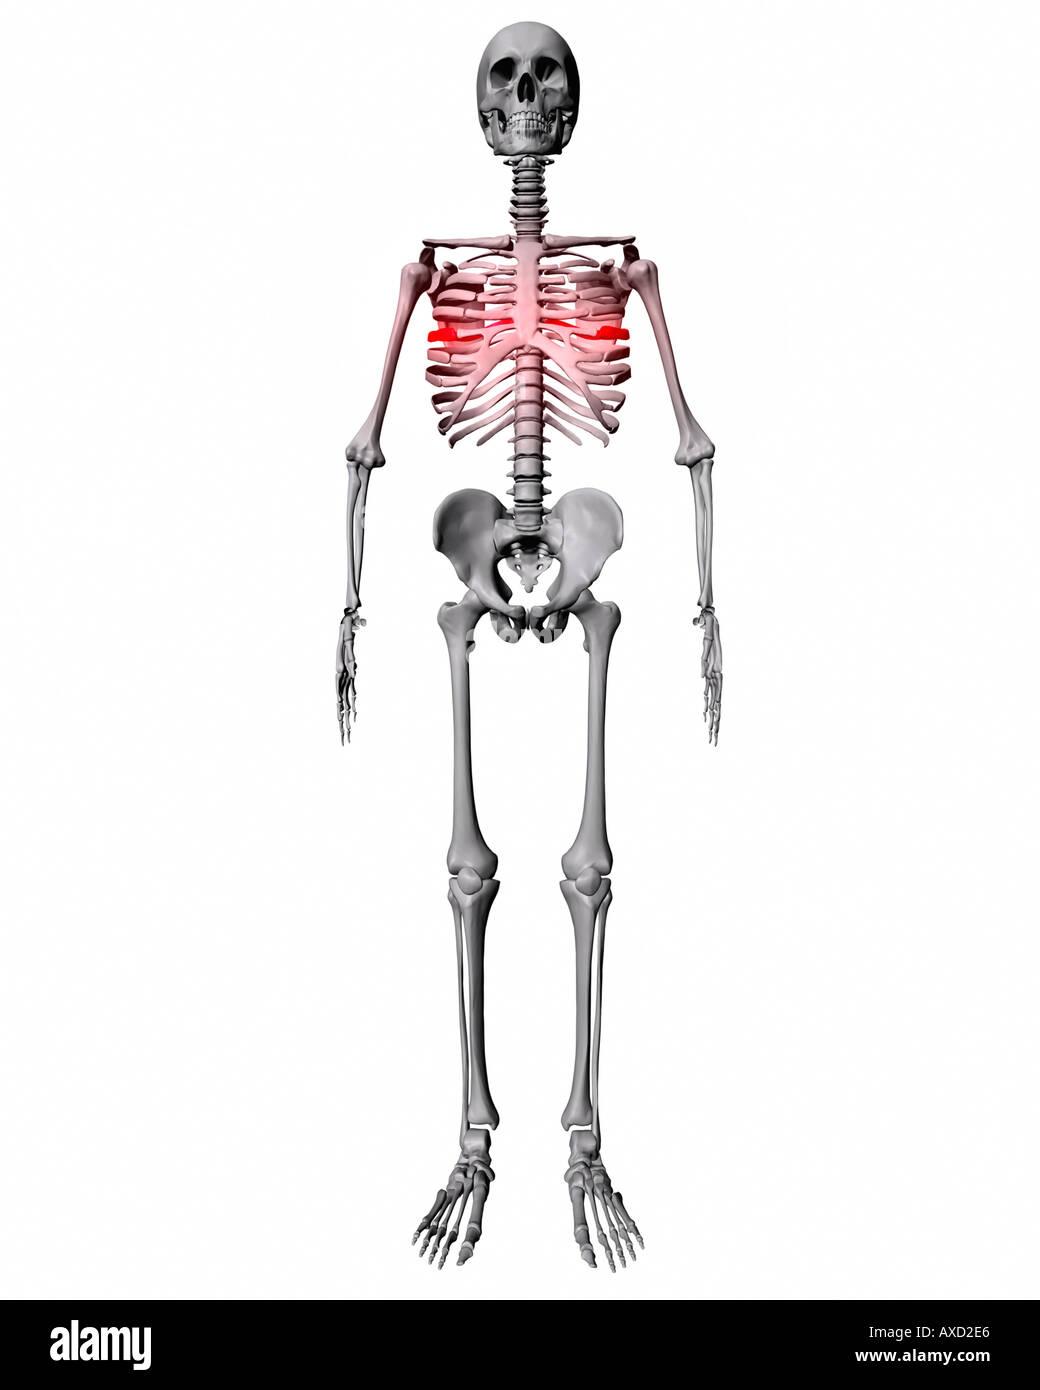 Schön Menschliches Skelett Mit Organen Zeitgenössisch - Anatomie ...